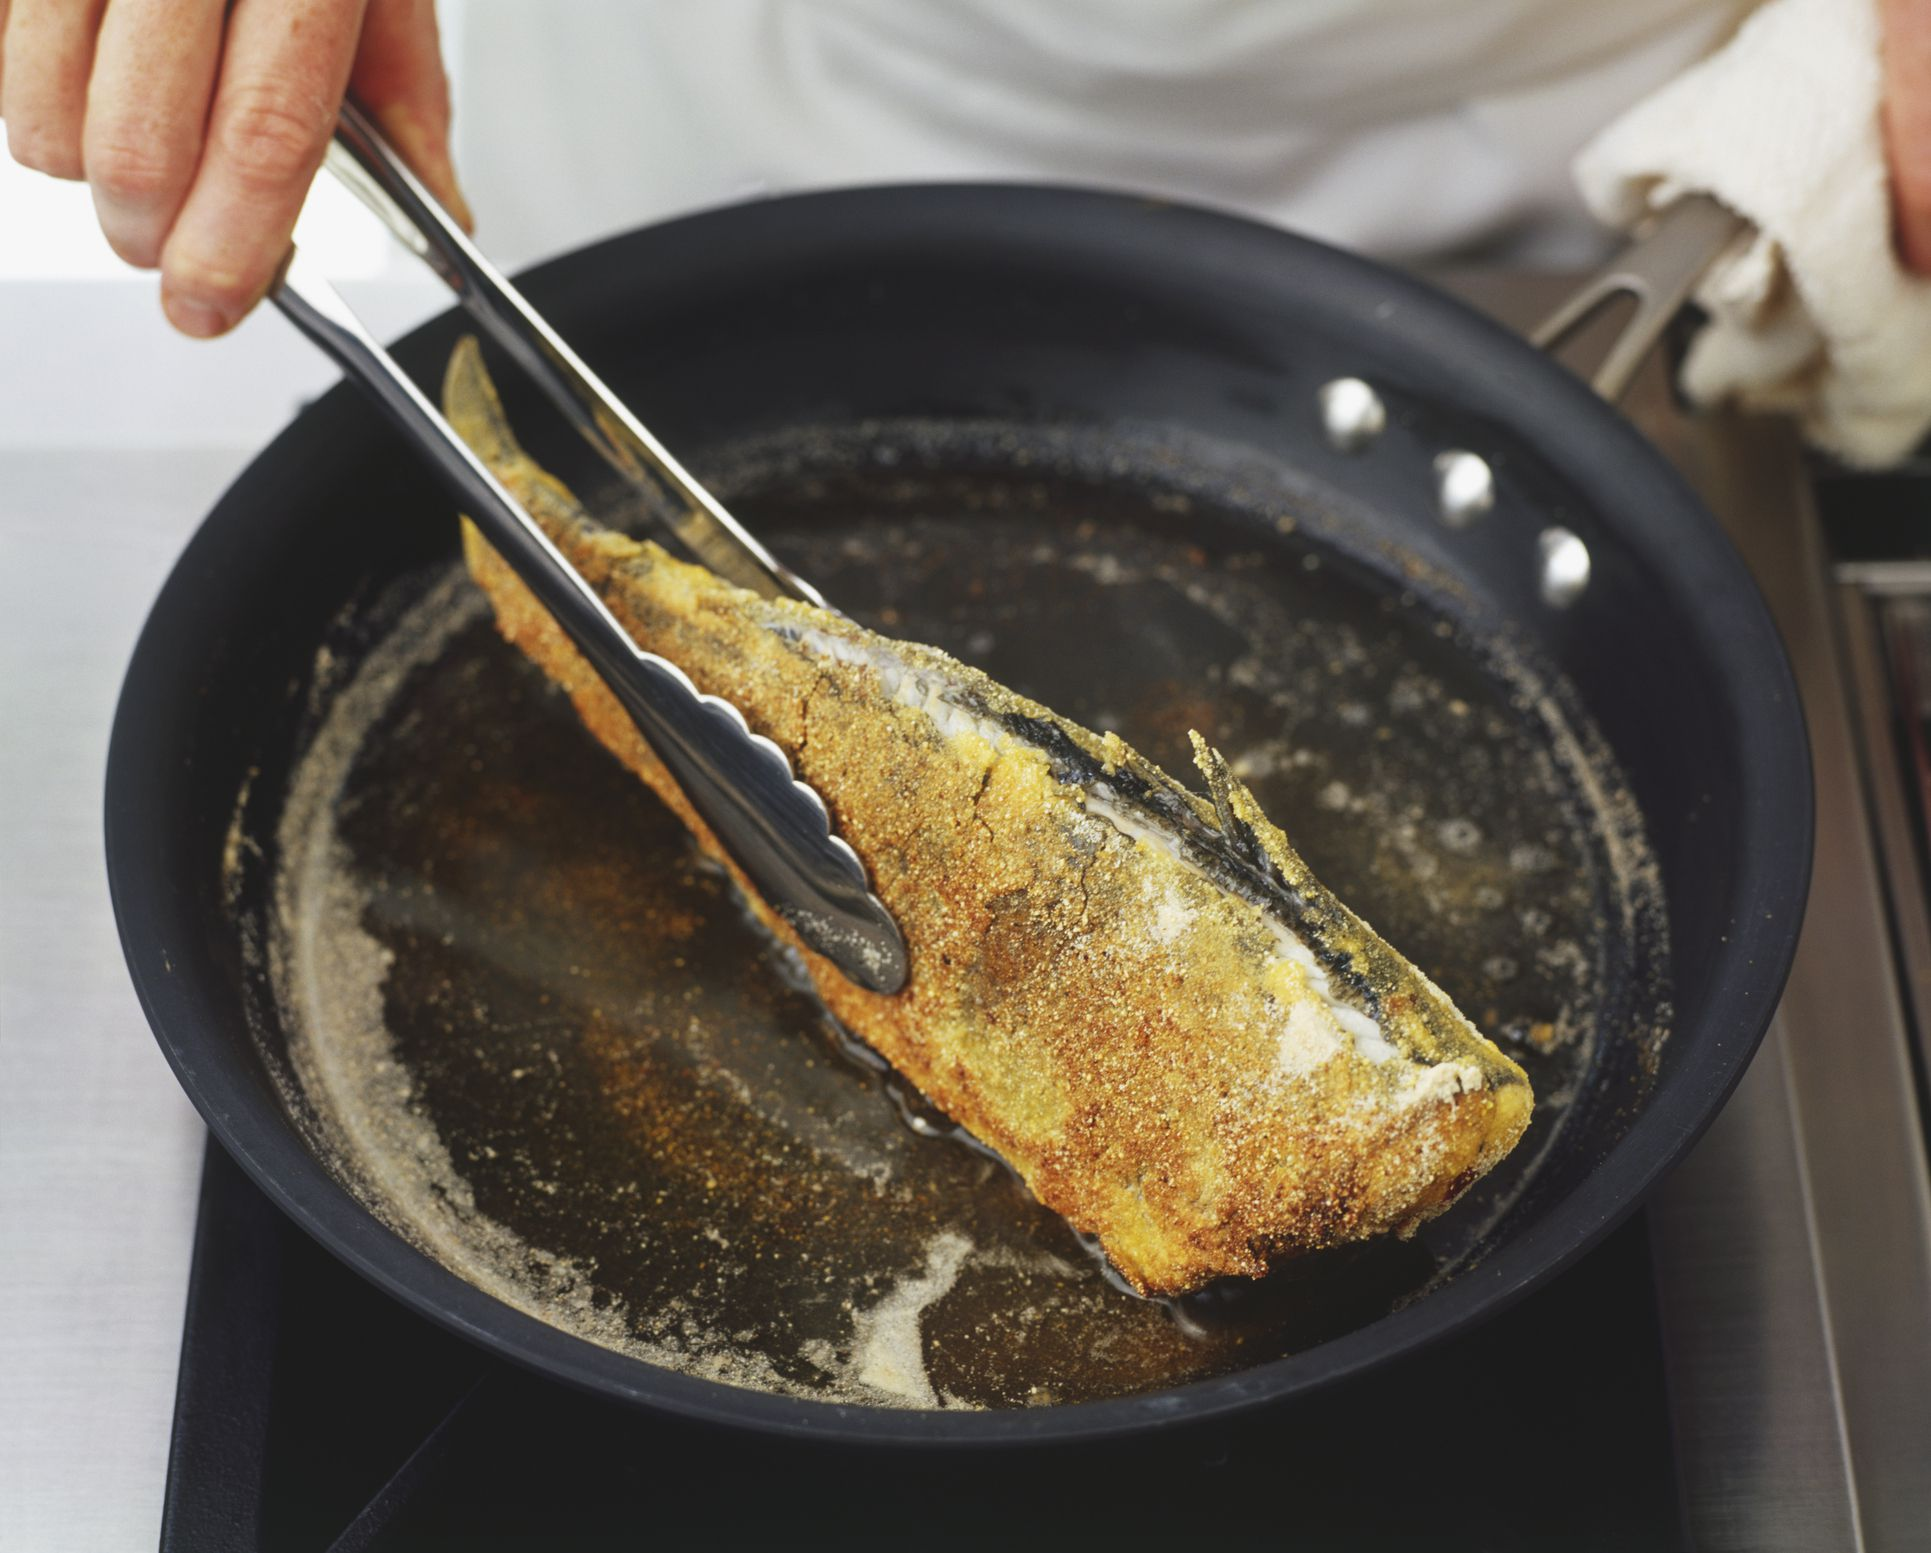 Robalo Fish